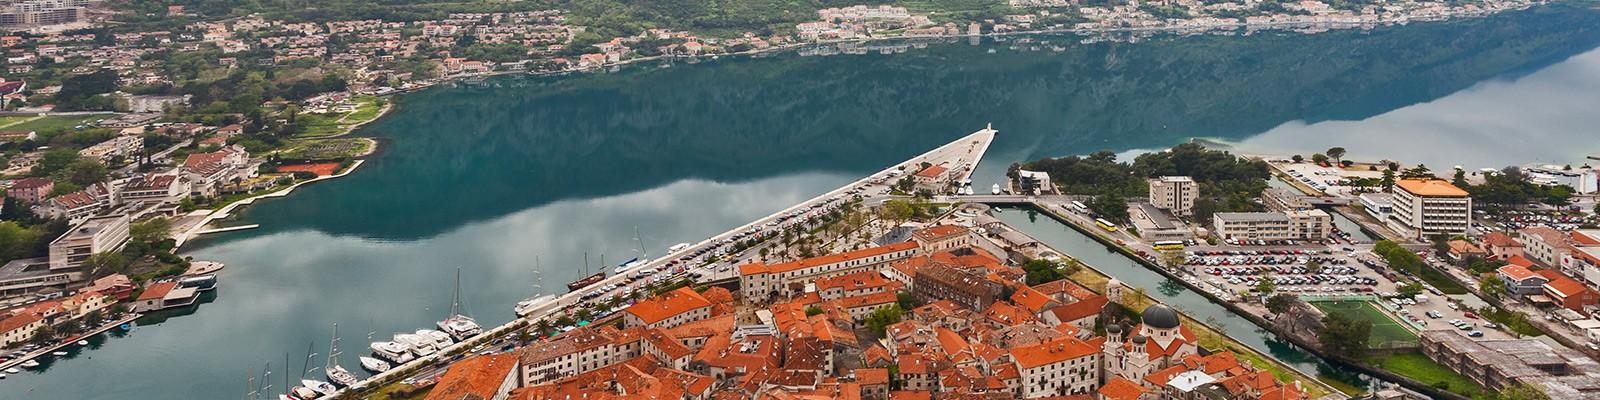 History of Kotor